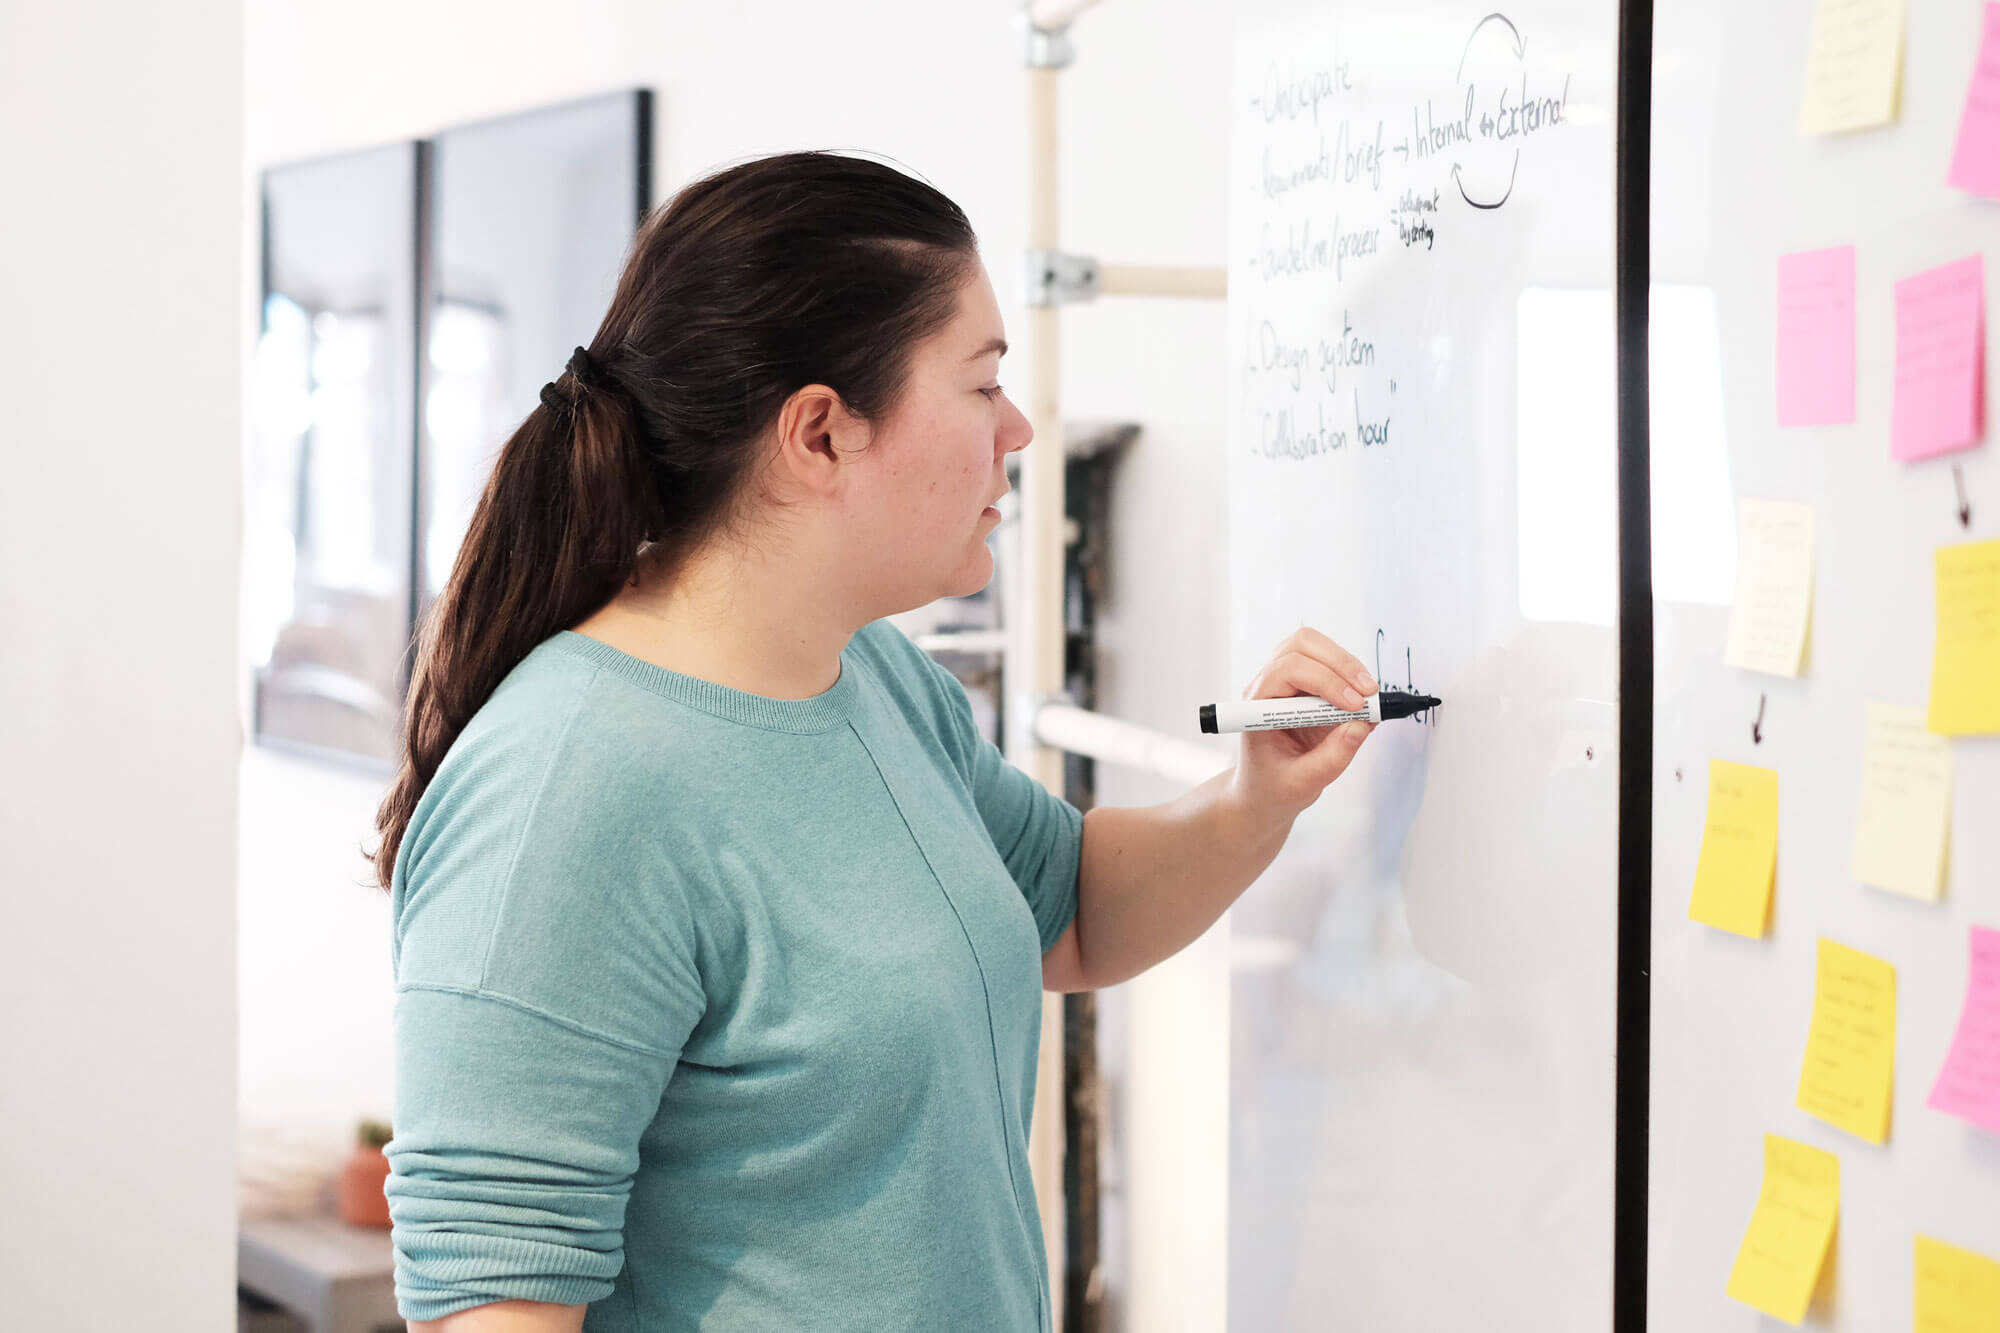 Lieneke schrijft op het whiteboard over design systemen